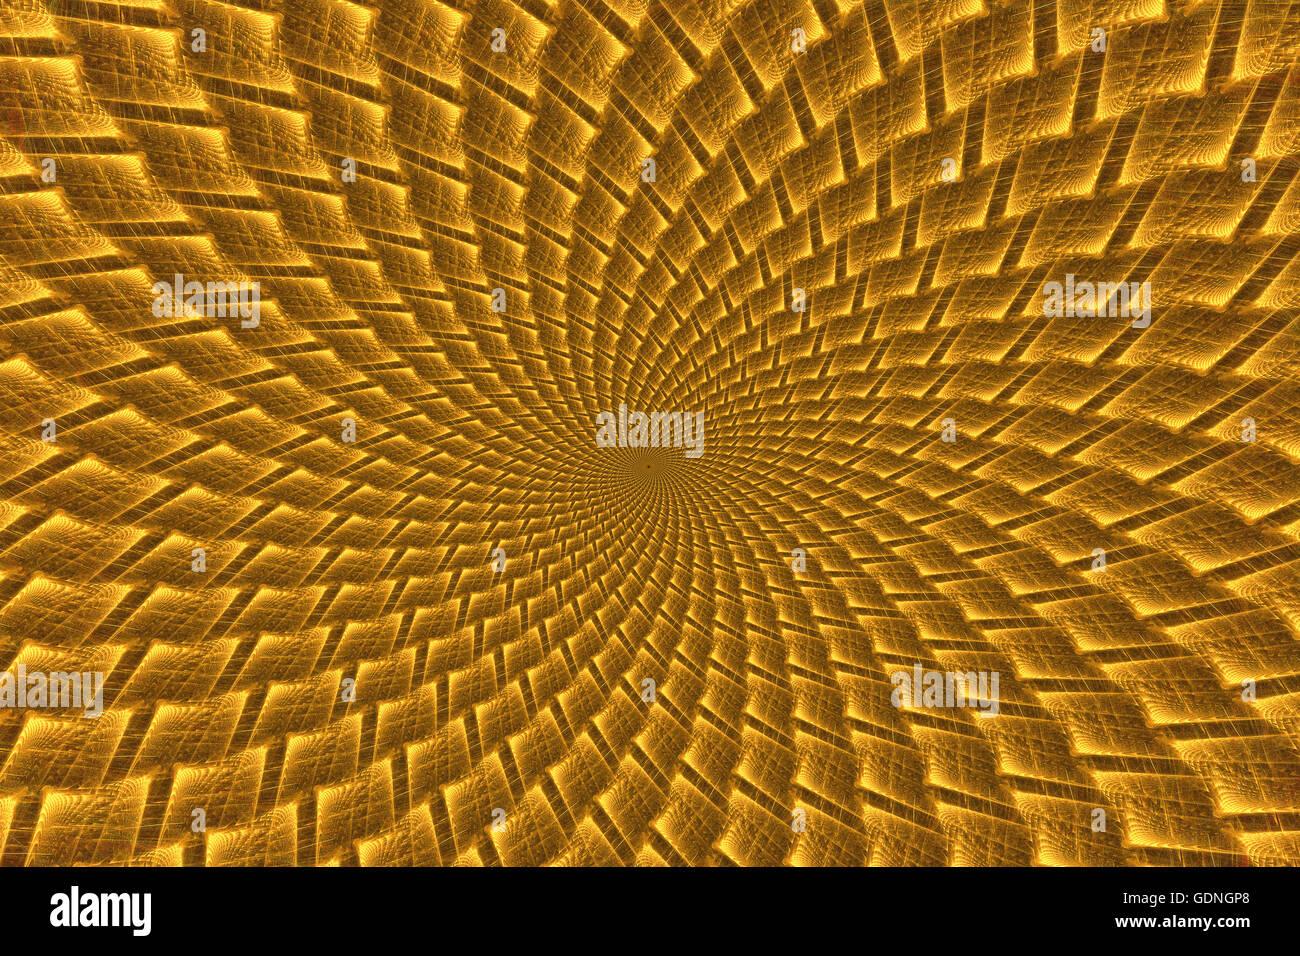 Abstrakt Fantasy gelb psychedelischen Spirale. Computer generierte Fraktale in der gelben Farbe Stockbild